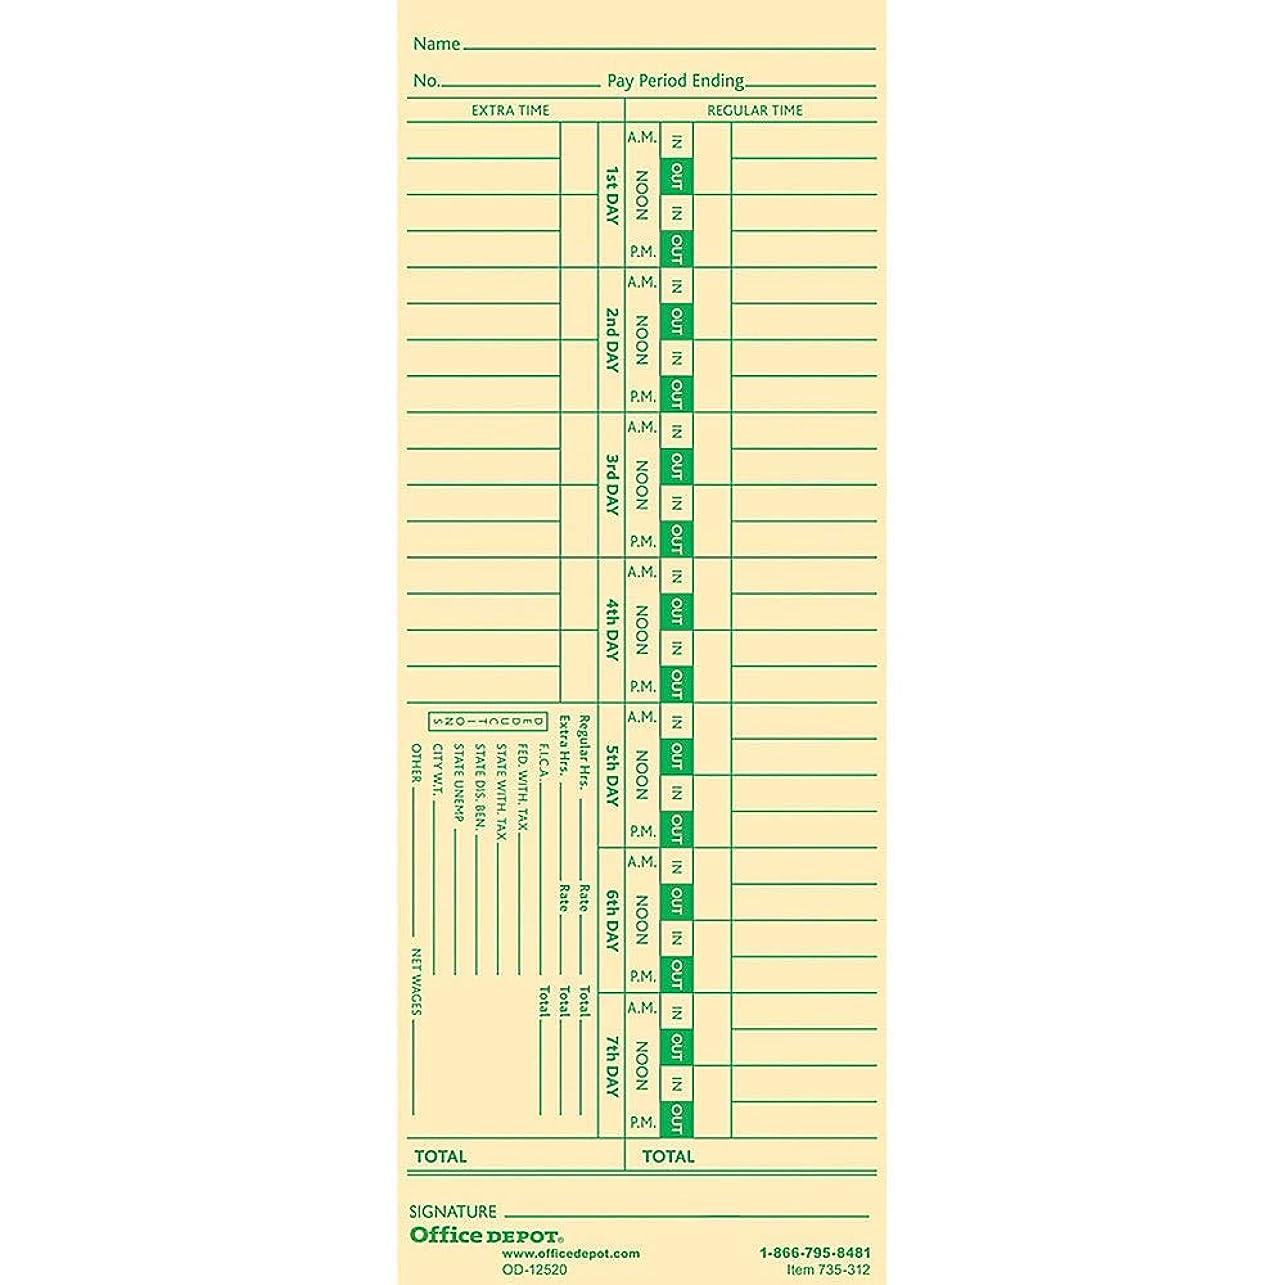 ネックレット勇敢な賞賛Office Depot時間カードwith控除、週単位、日1?–?7、1-sided、3?3?/ 8in. X 8?7?/ 8in。、マニラ、100パック、gb-735312